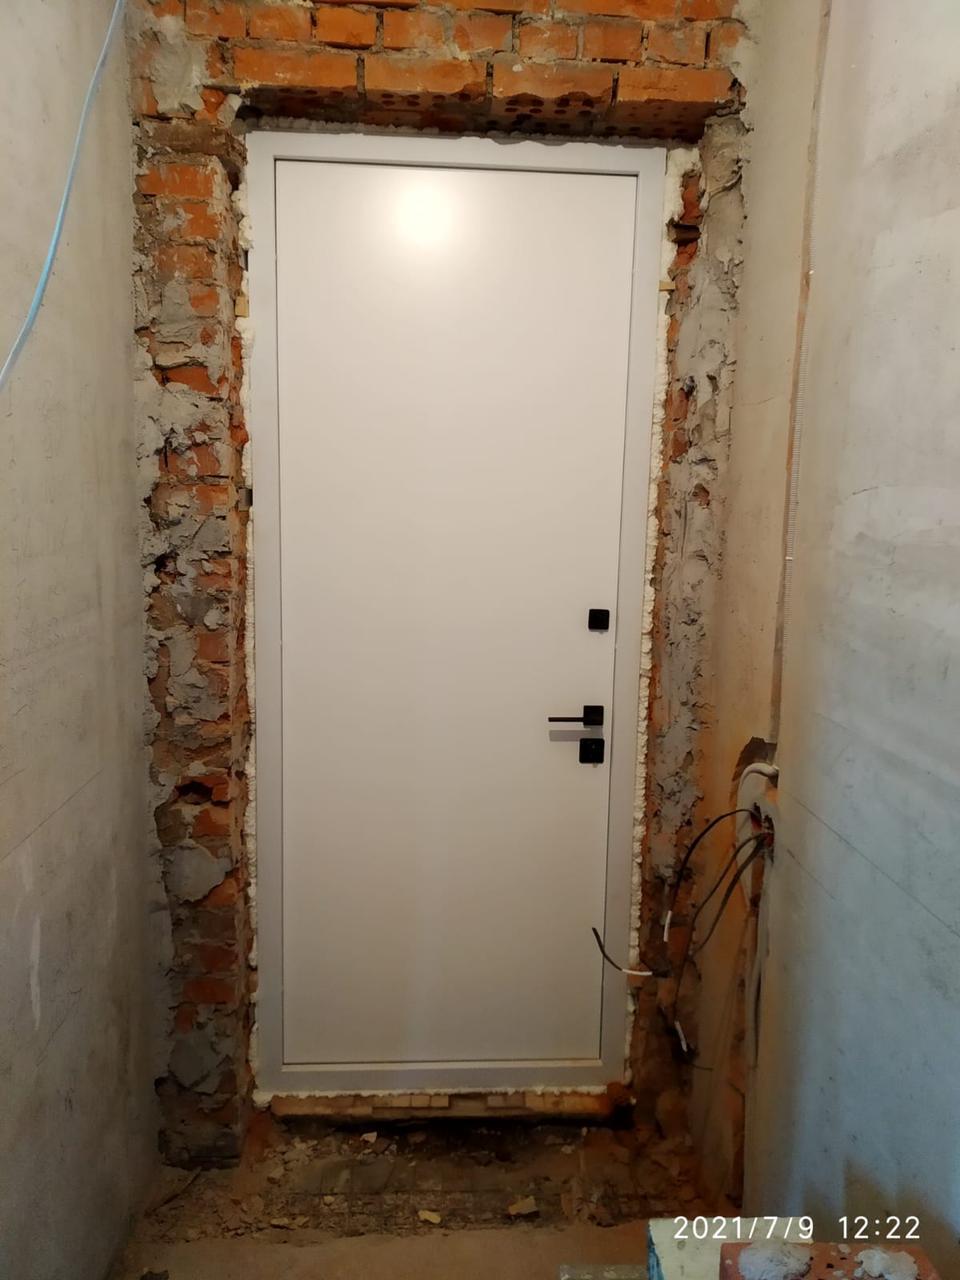 белая входная дверь нестандартного размера высокая входная дверь гладкая без рисунка чёрная квадртаня фурнитура